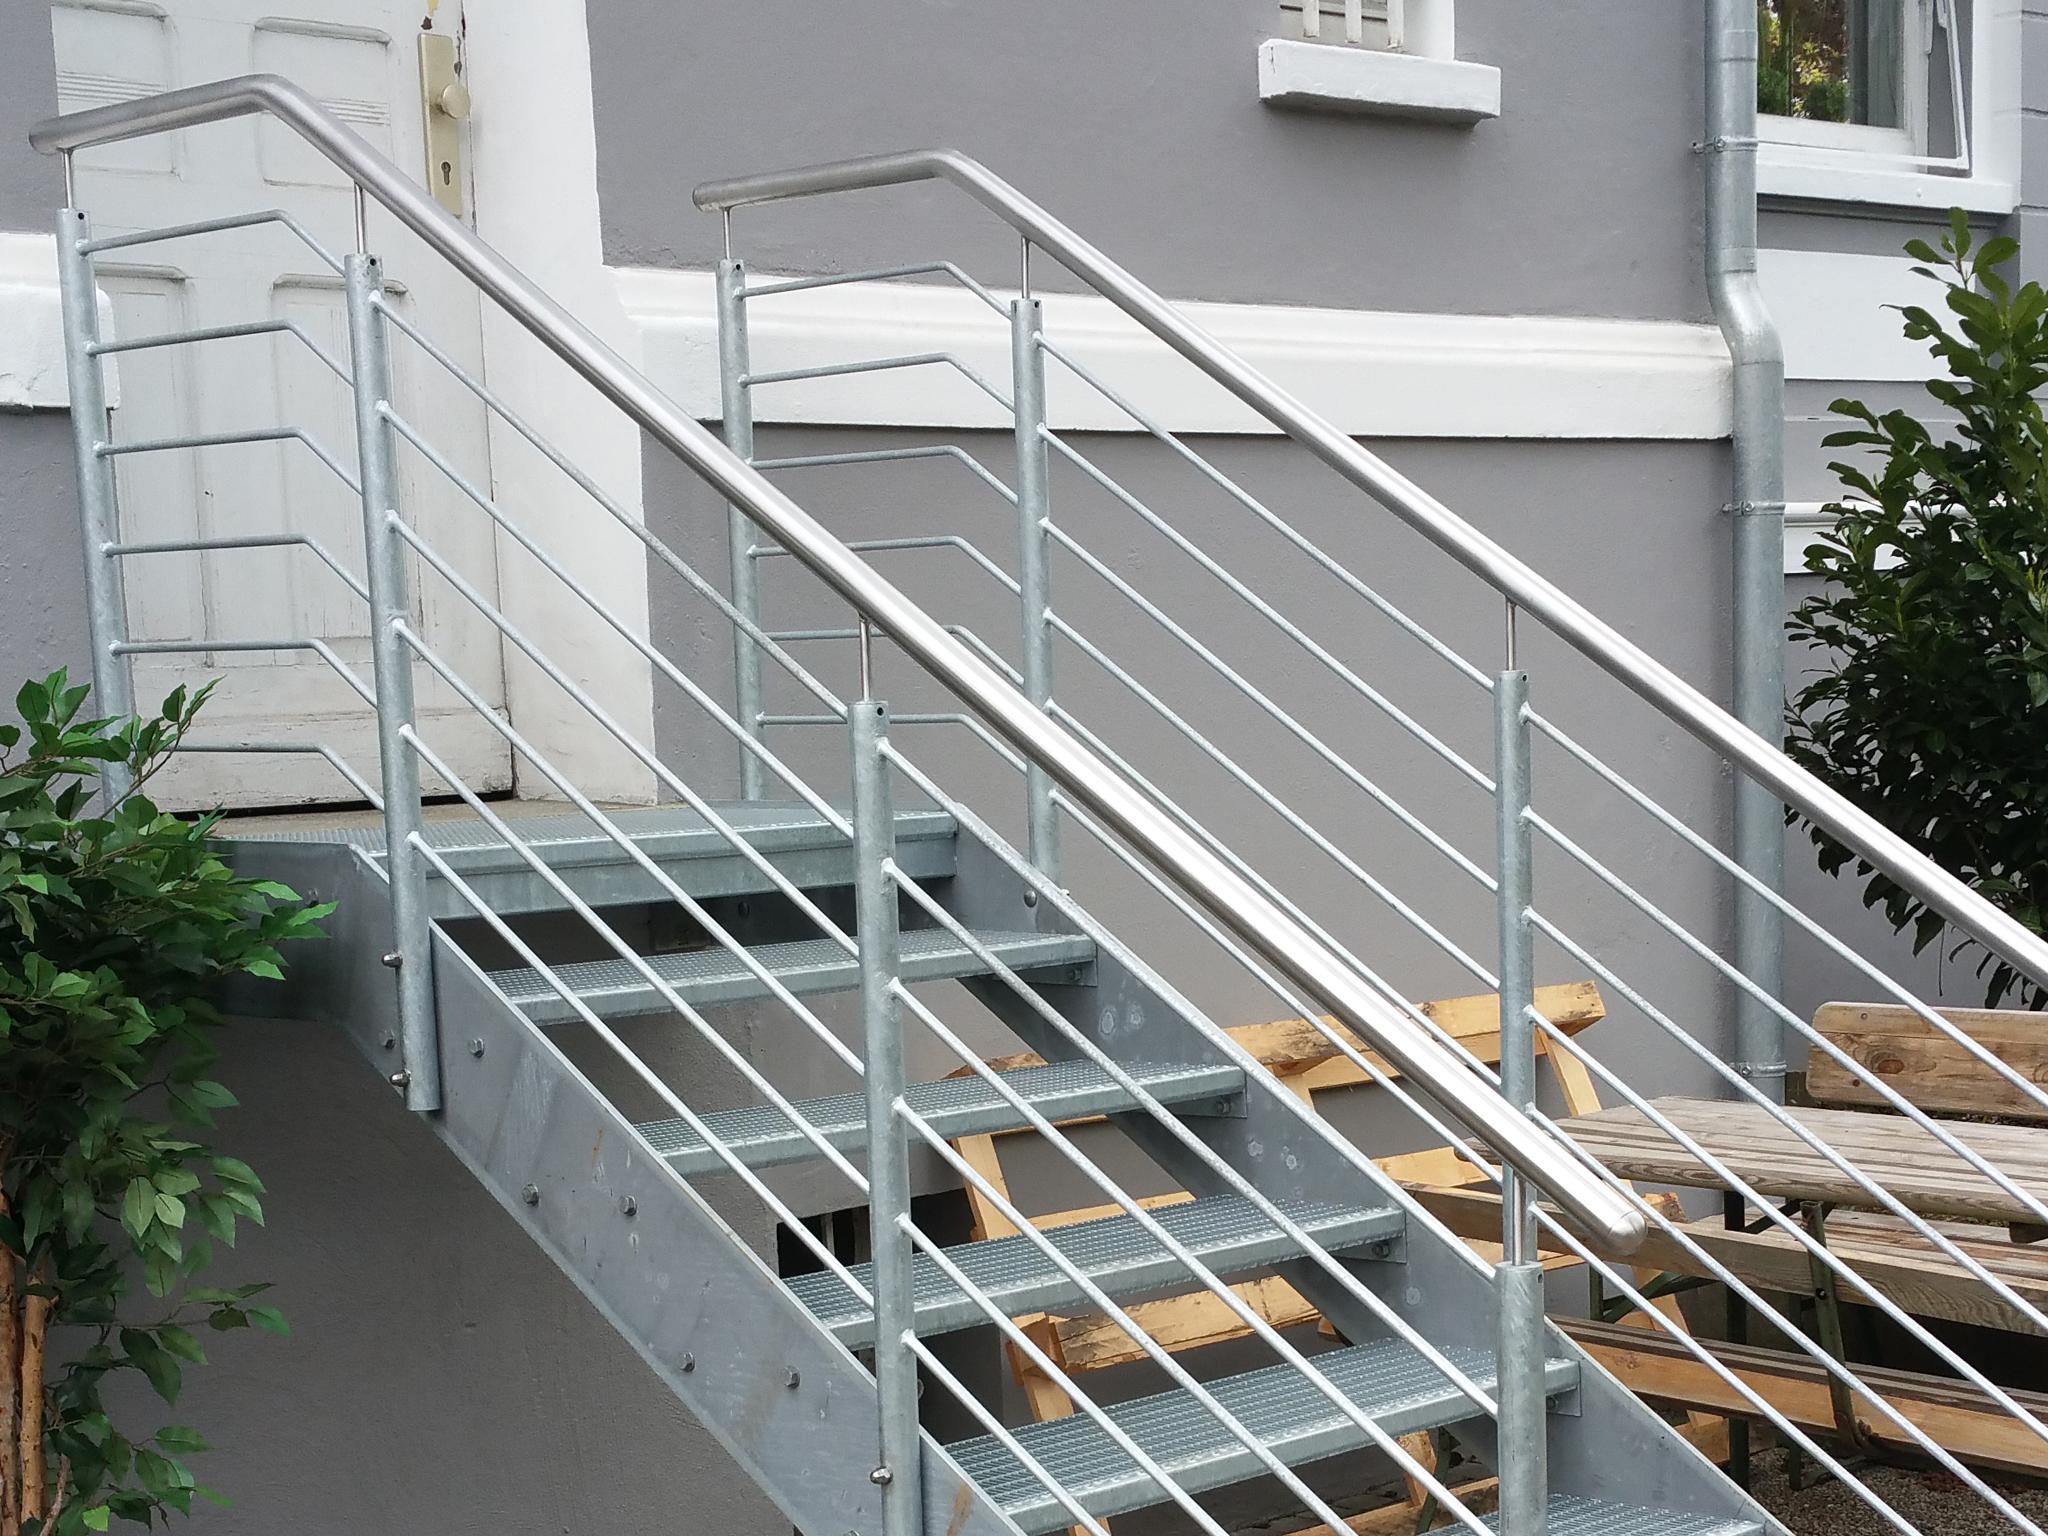 Stahlbude Bauschlosserei Treppe mit Edelstahl Handlauf